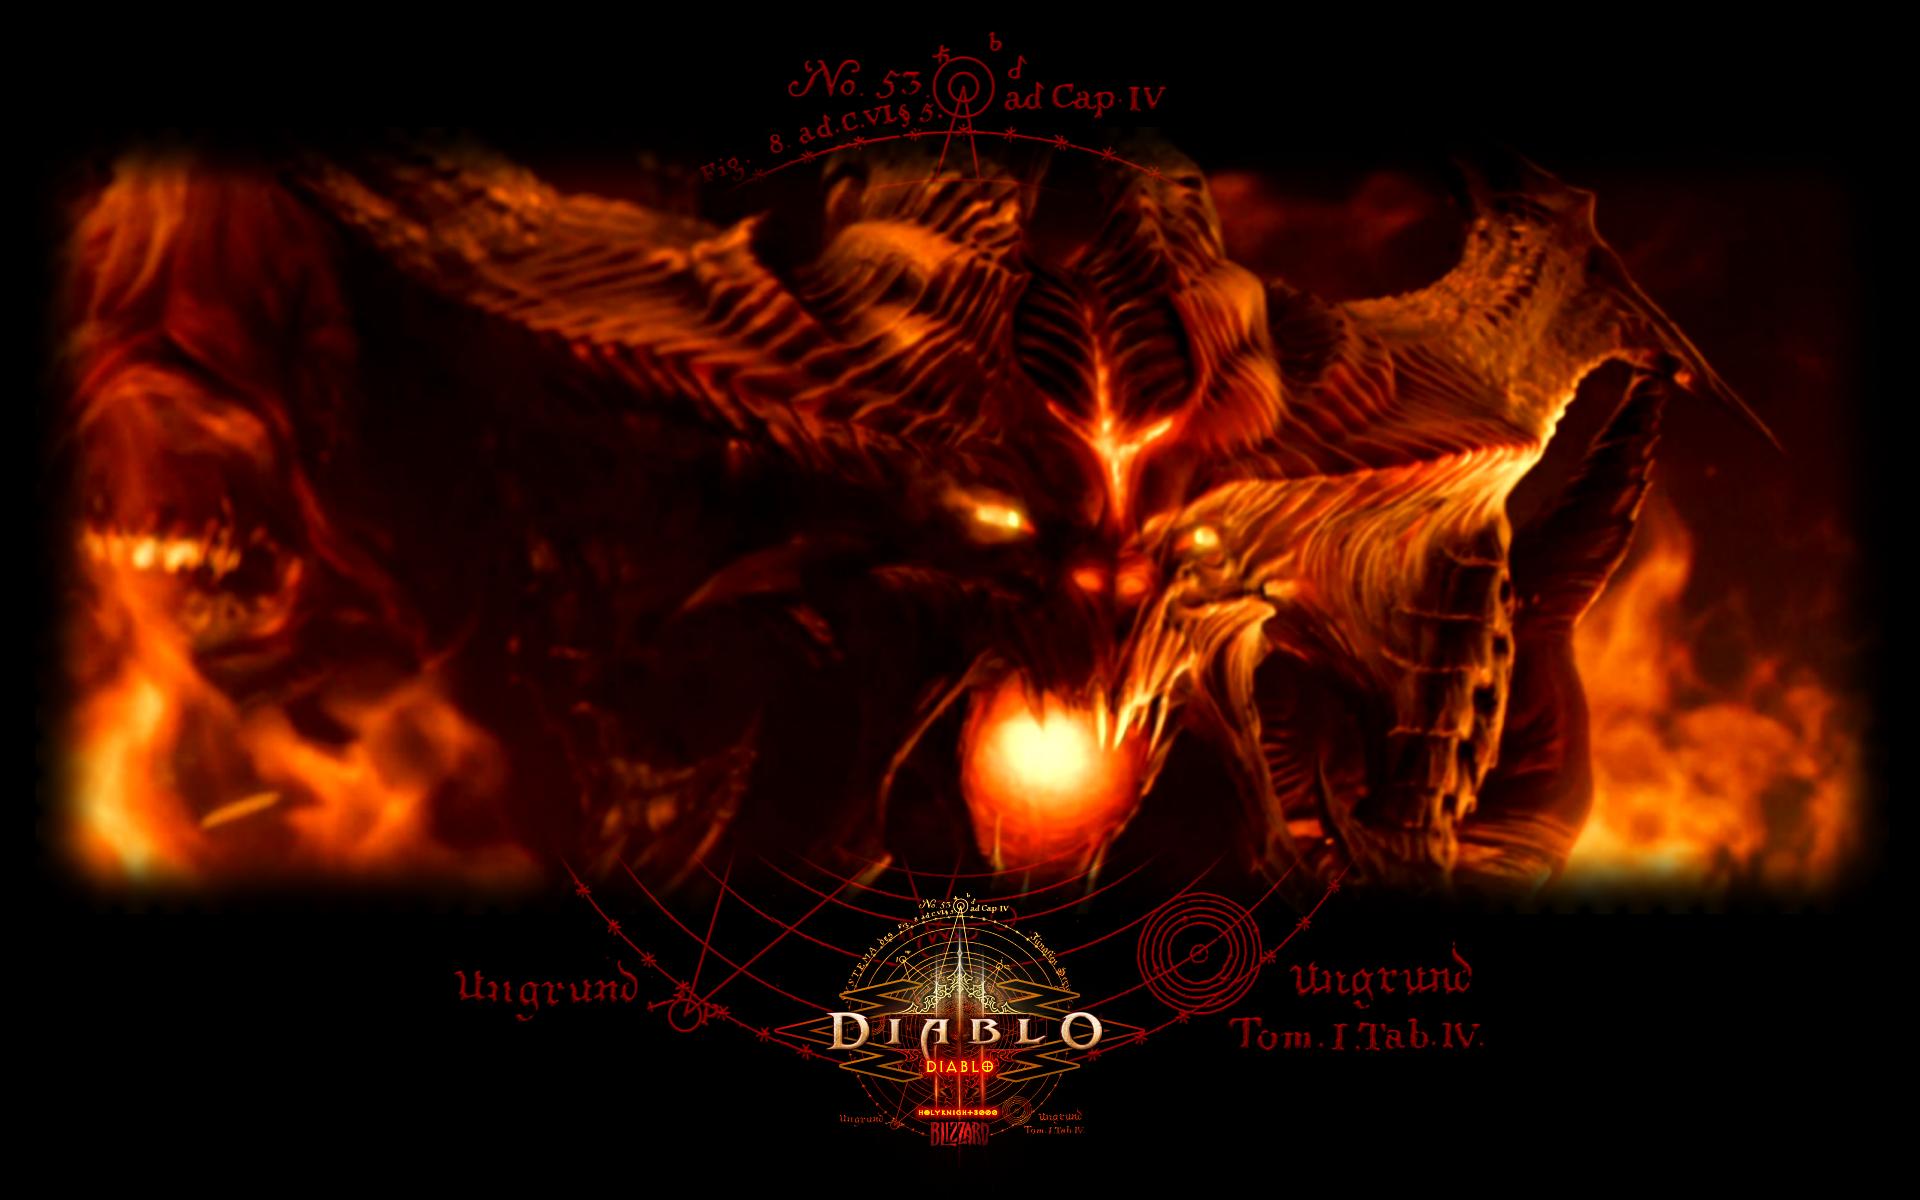 Video Game   Diablo III Wallpaper 1920x1200